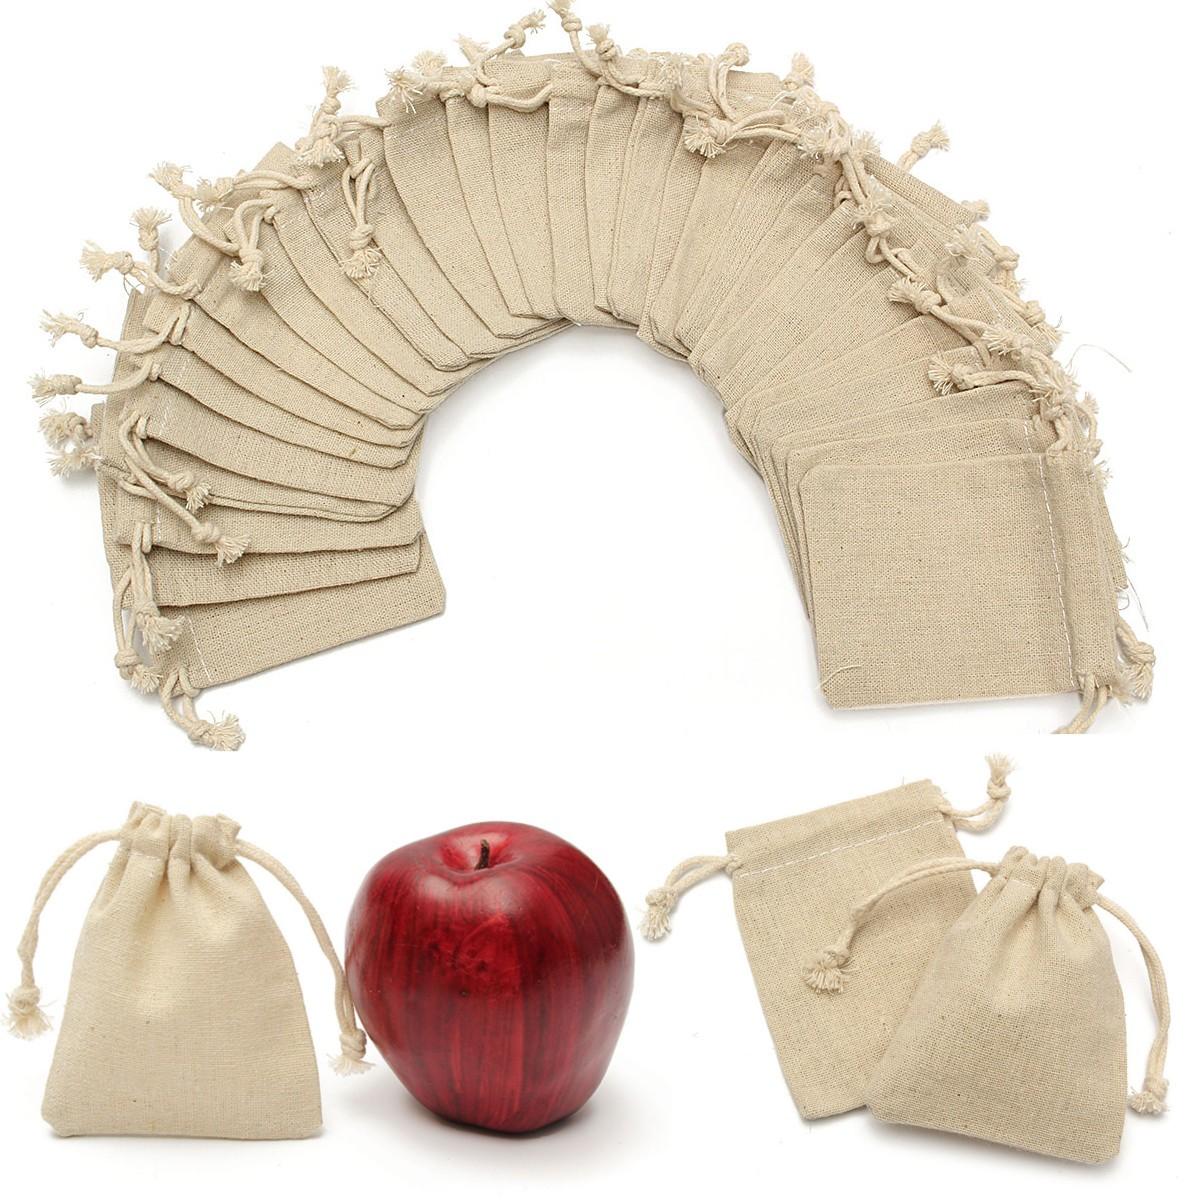 30pcs sac jute cordon de serrage cadeau rangement stockage pochette sachet. Black Bedroom Furniture Sets. Home Design Ideas